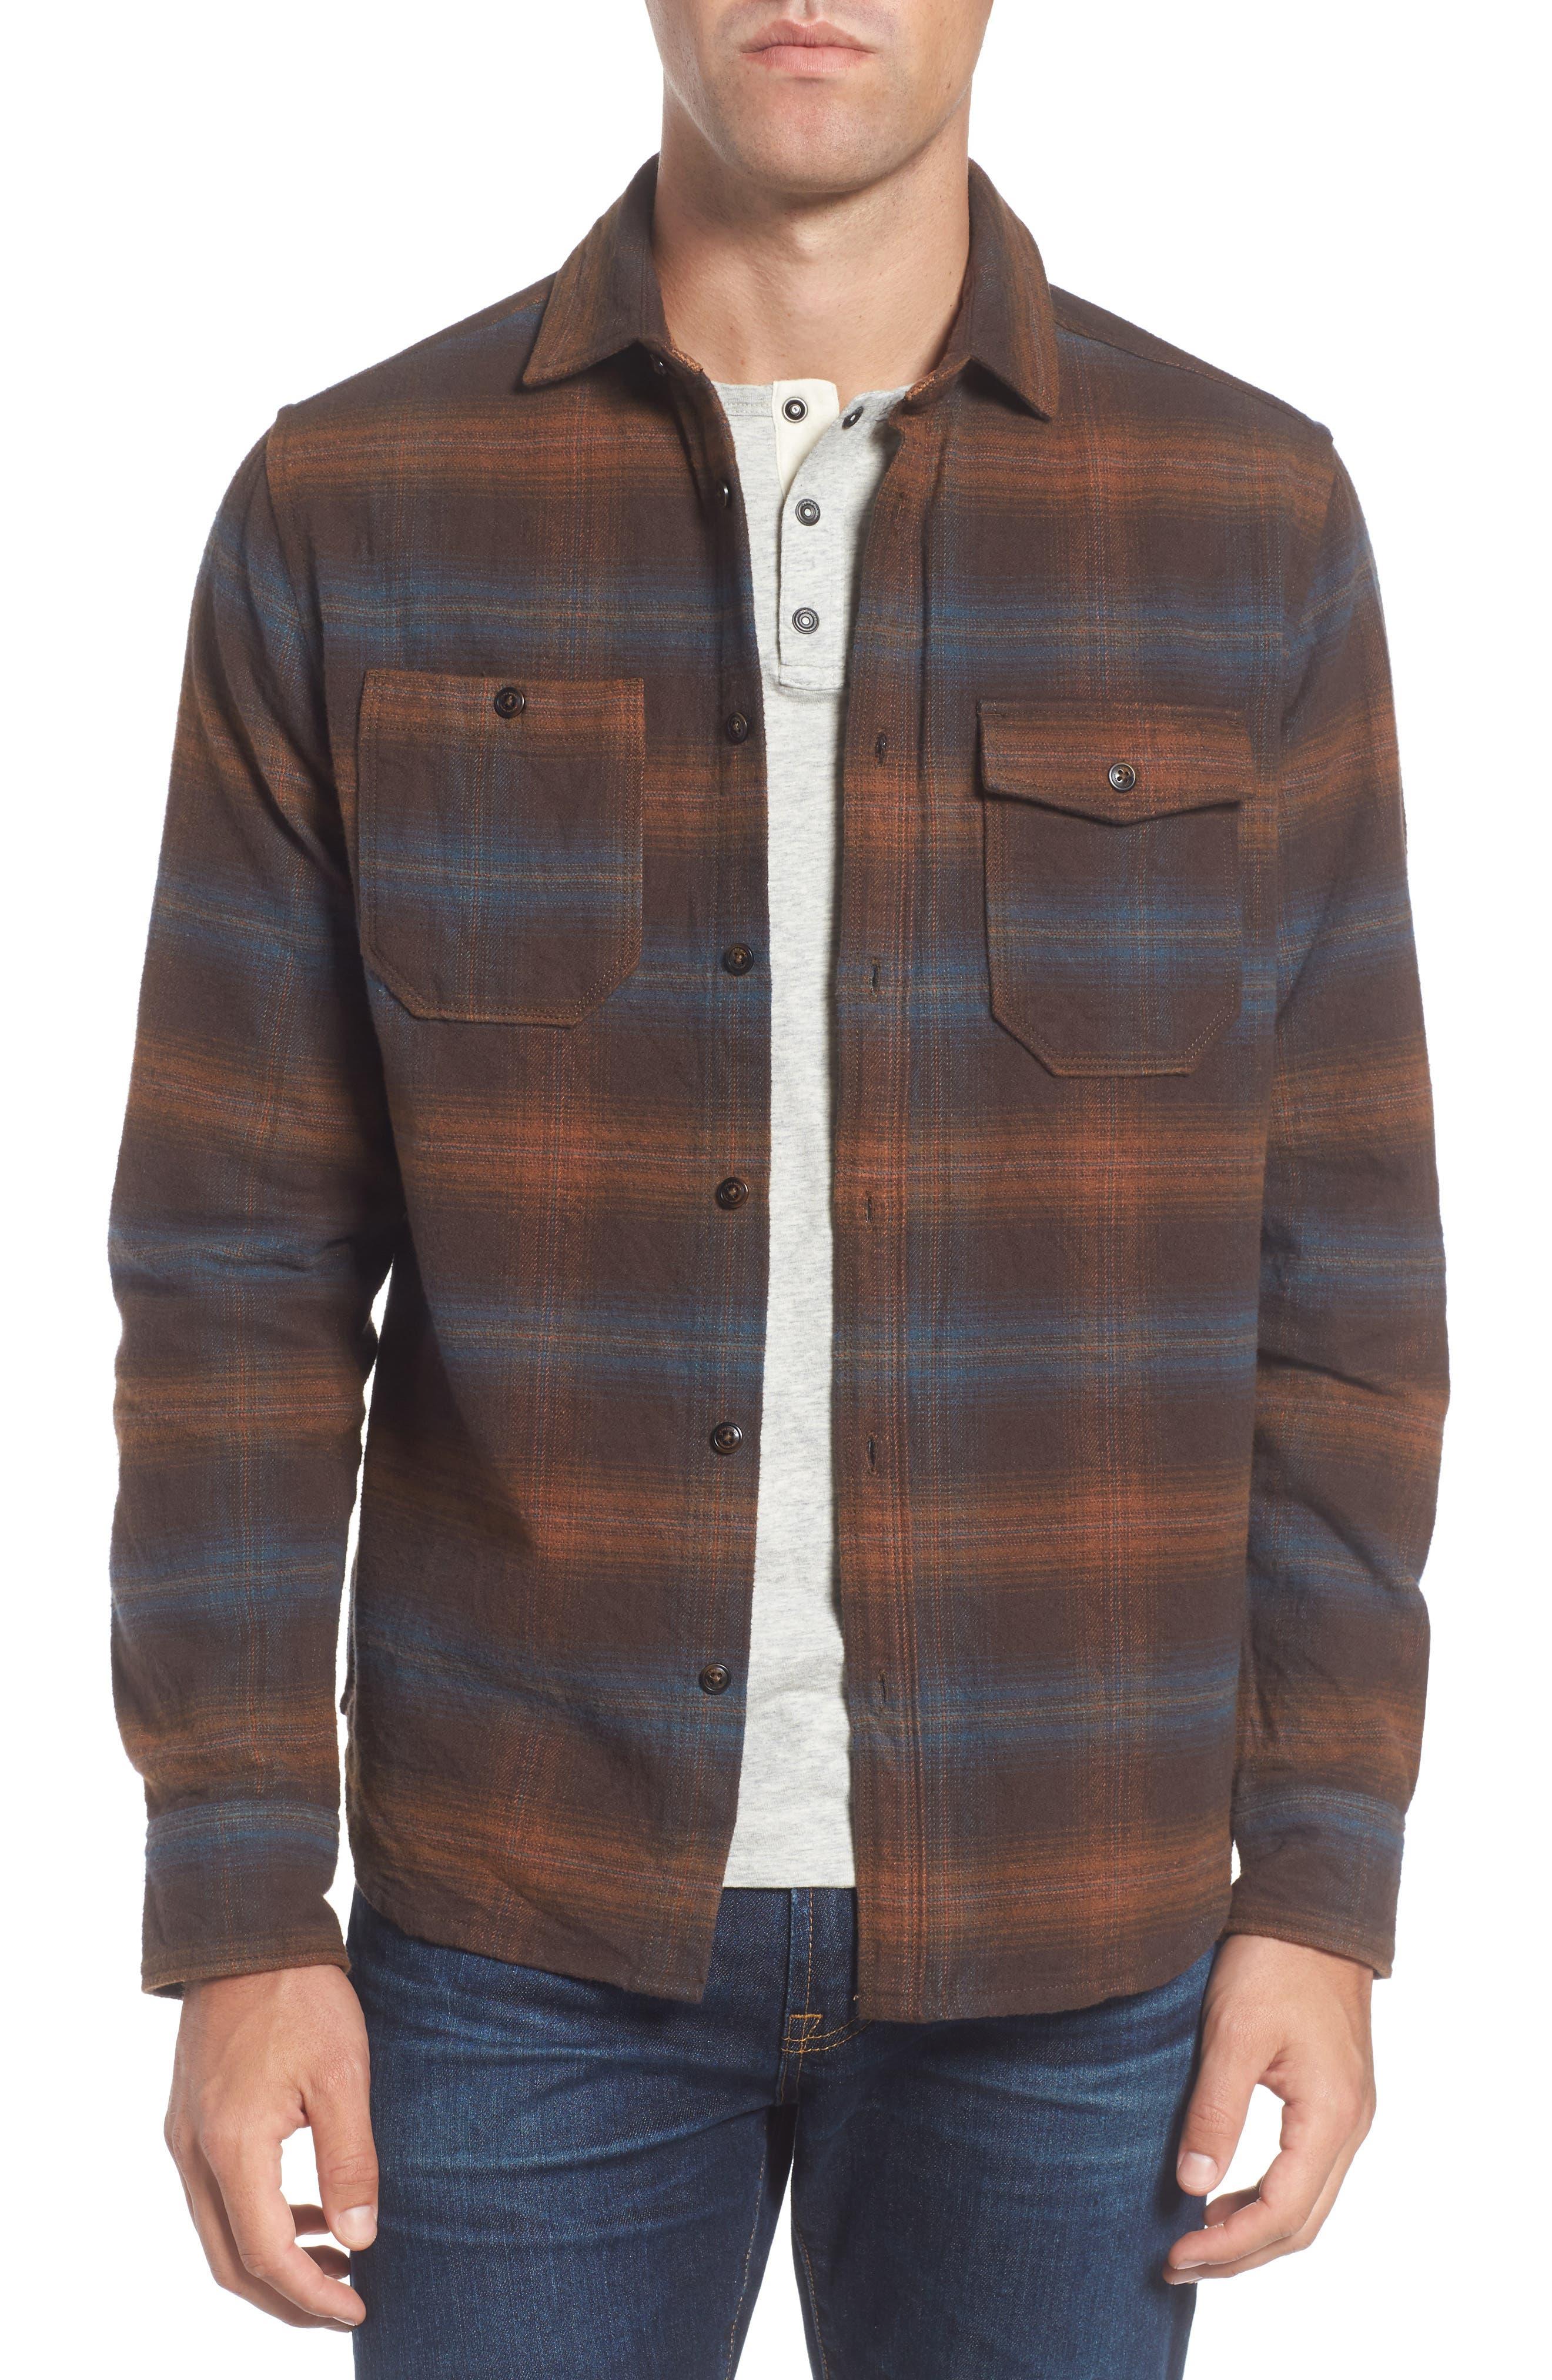 Main Image - Jeremiah Canyon Plaid Brushed Twill Shirt